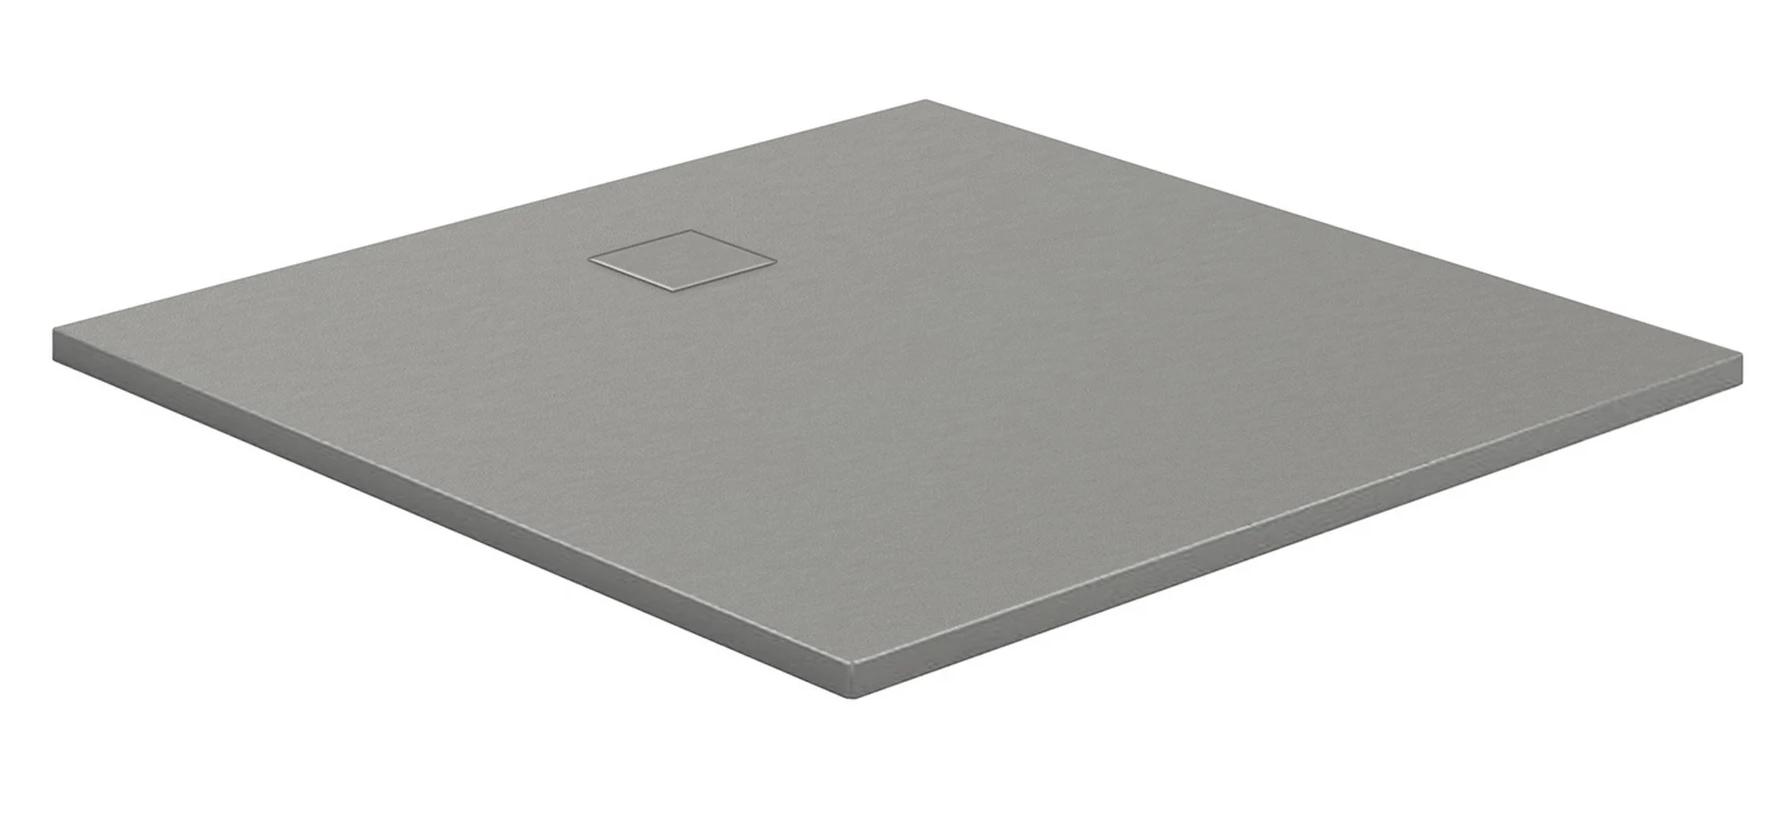 HSK Marmor-Polymer-Duschwannen, Steinoptik - Quadrat 100x100 Steingrau mit AntiSlip-Beschichtigung